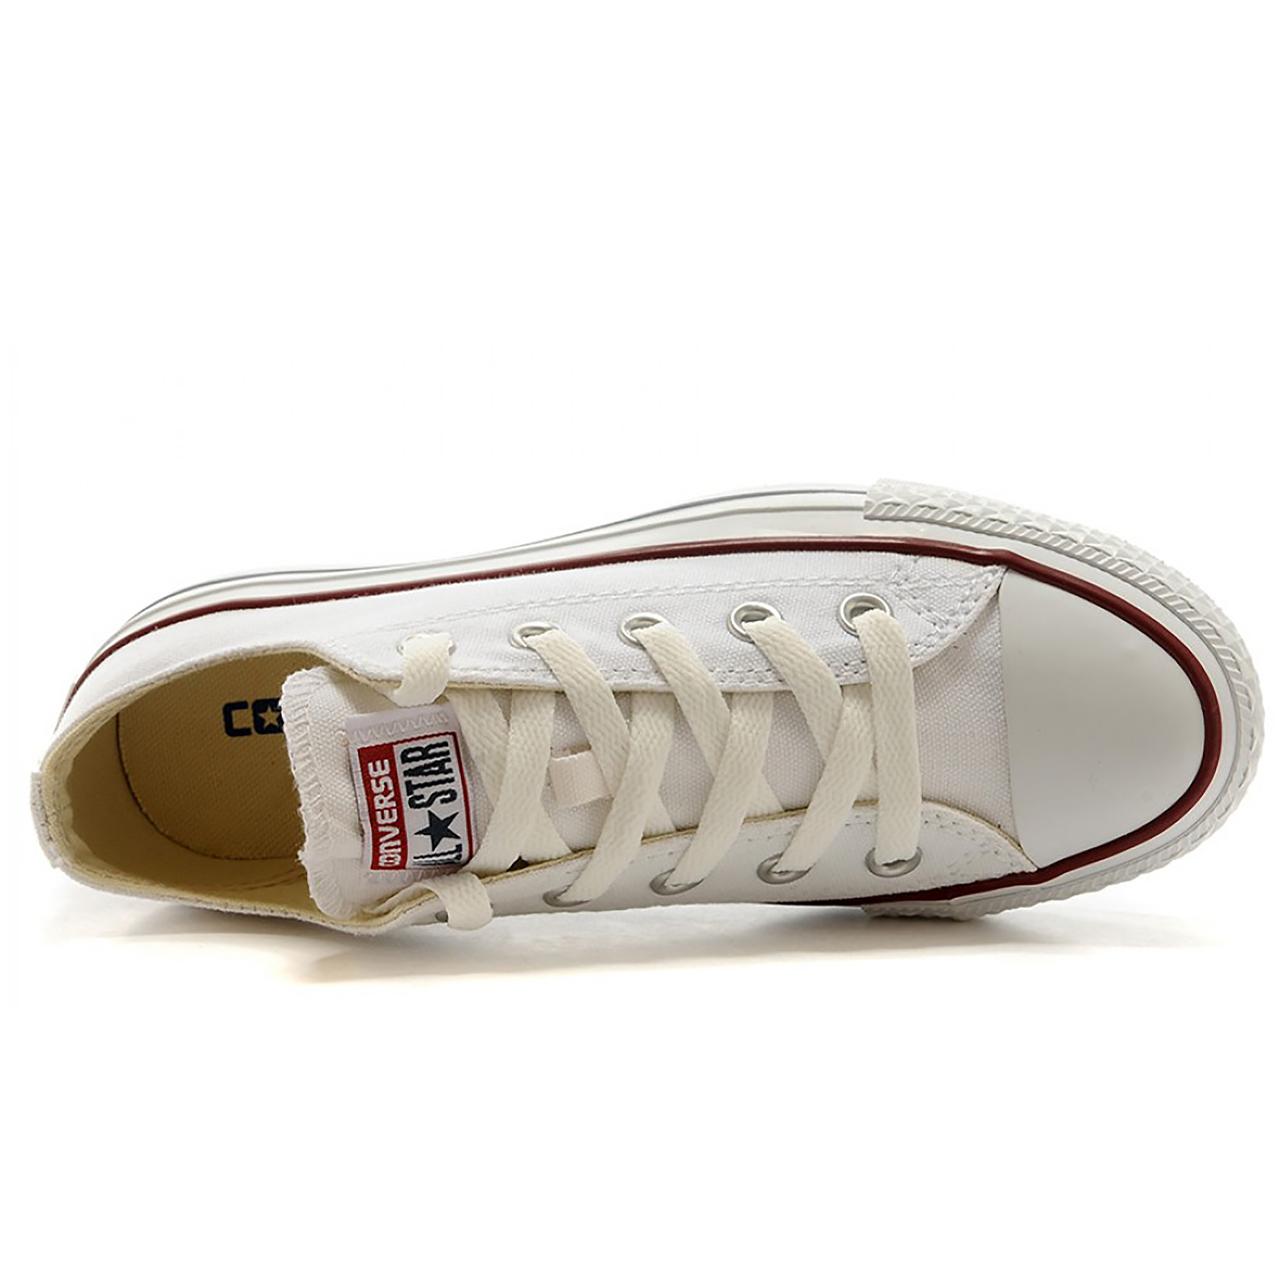 خرید                      کفش اسپورت مردانه کانورس مدل All Star Ox-101000